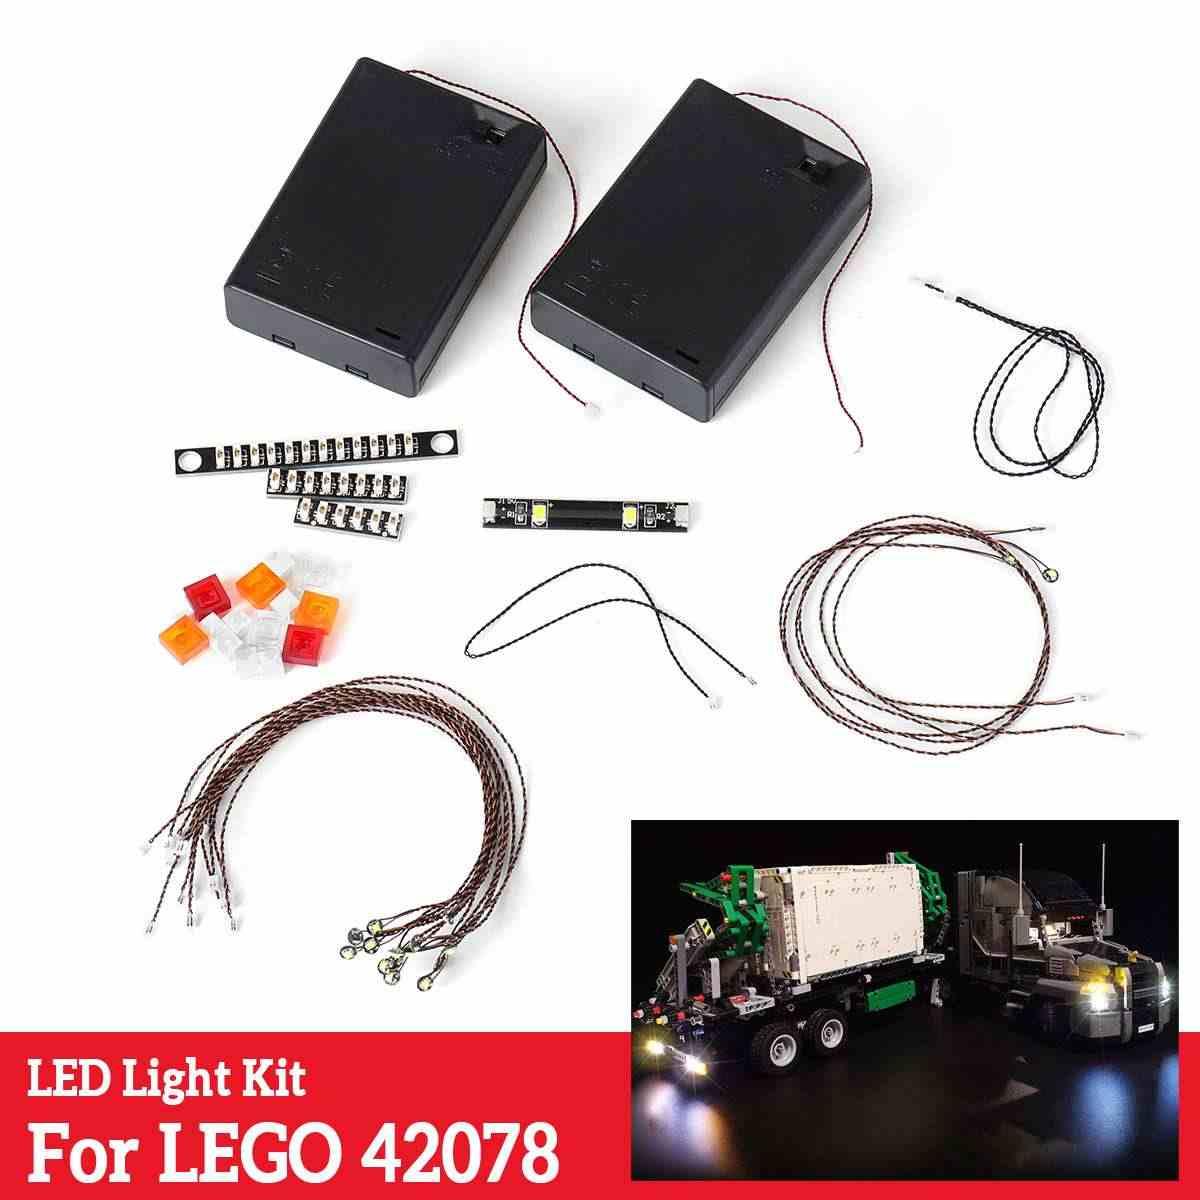 LED Light String Installing Kit For Lego 42078 Technic Series for Mack Anthem Truck Set Tool(NOT Included The Model) DIY